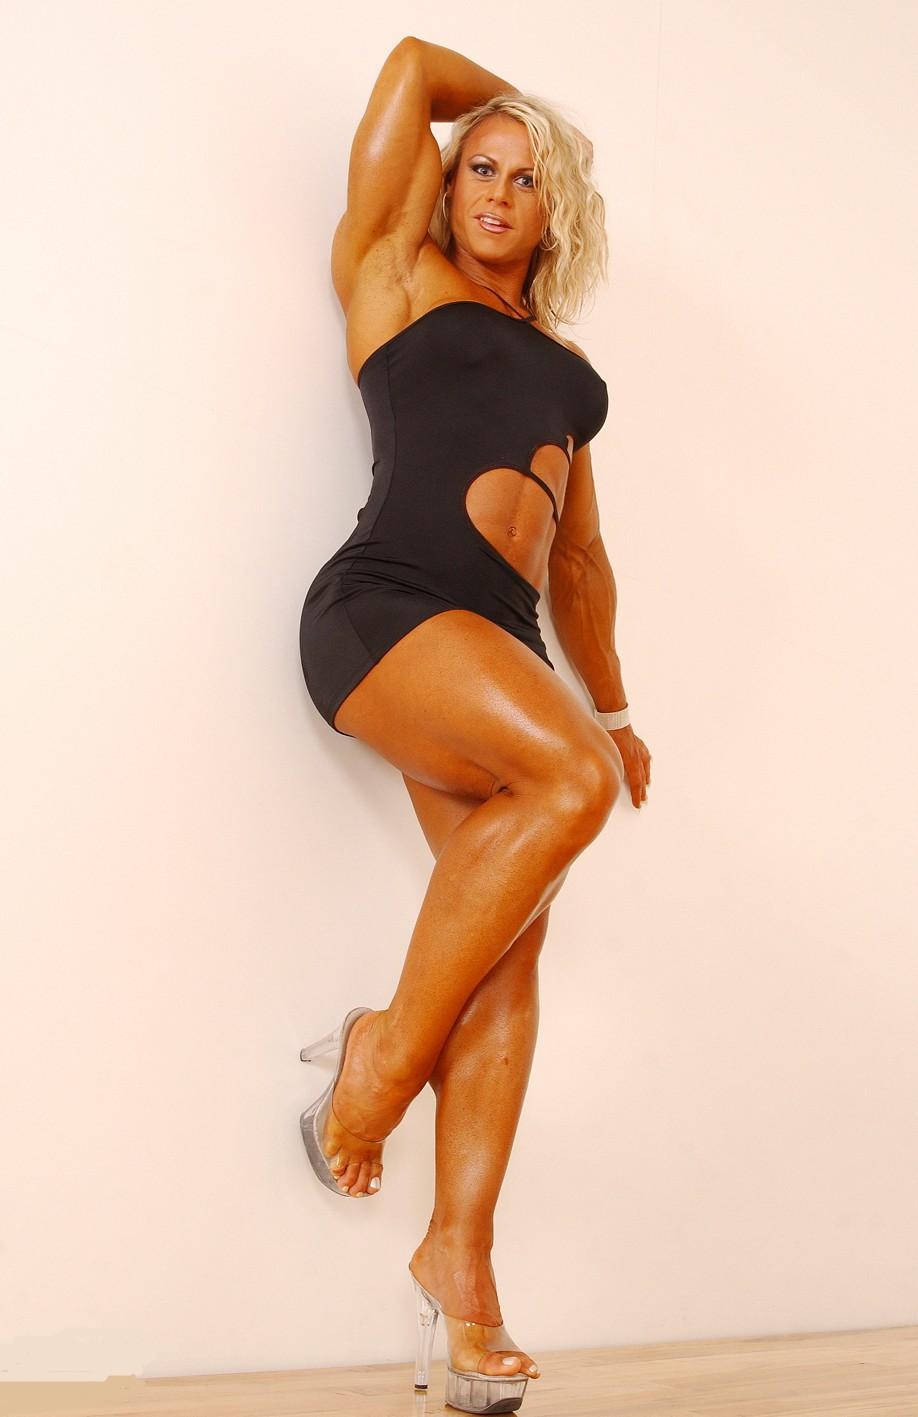 fitness women naked blog